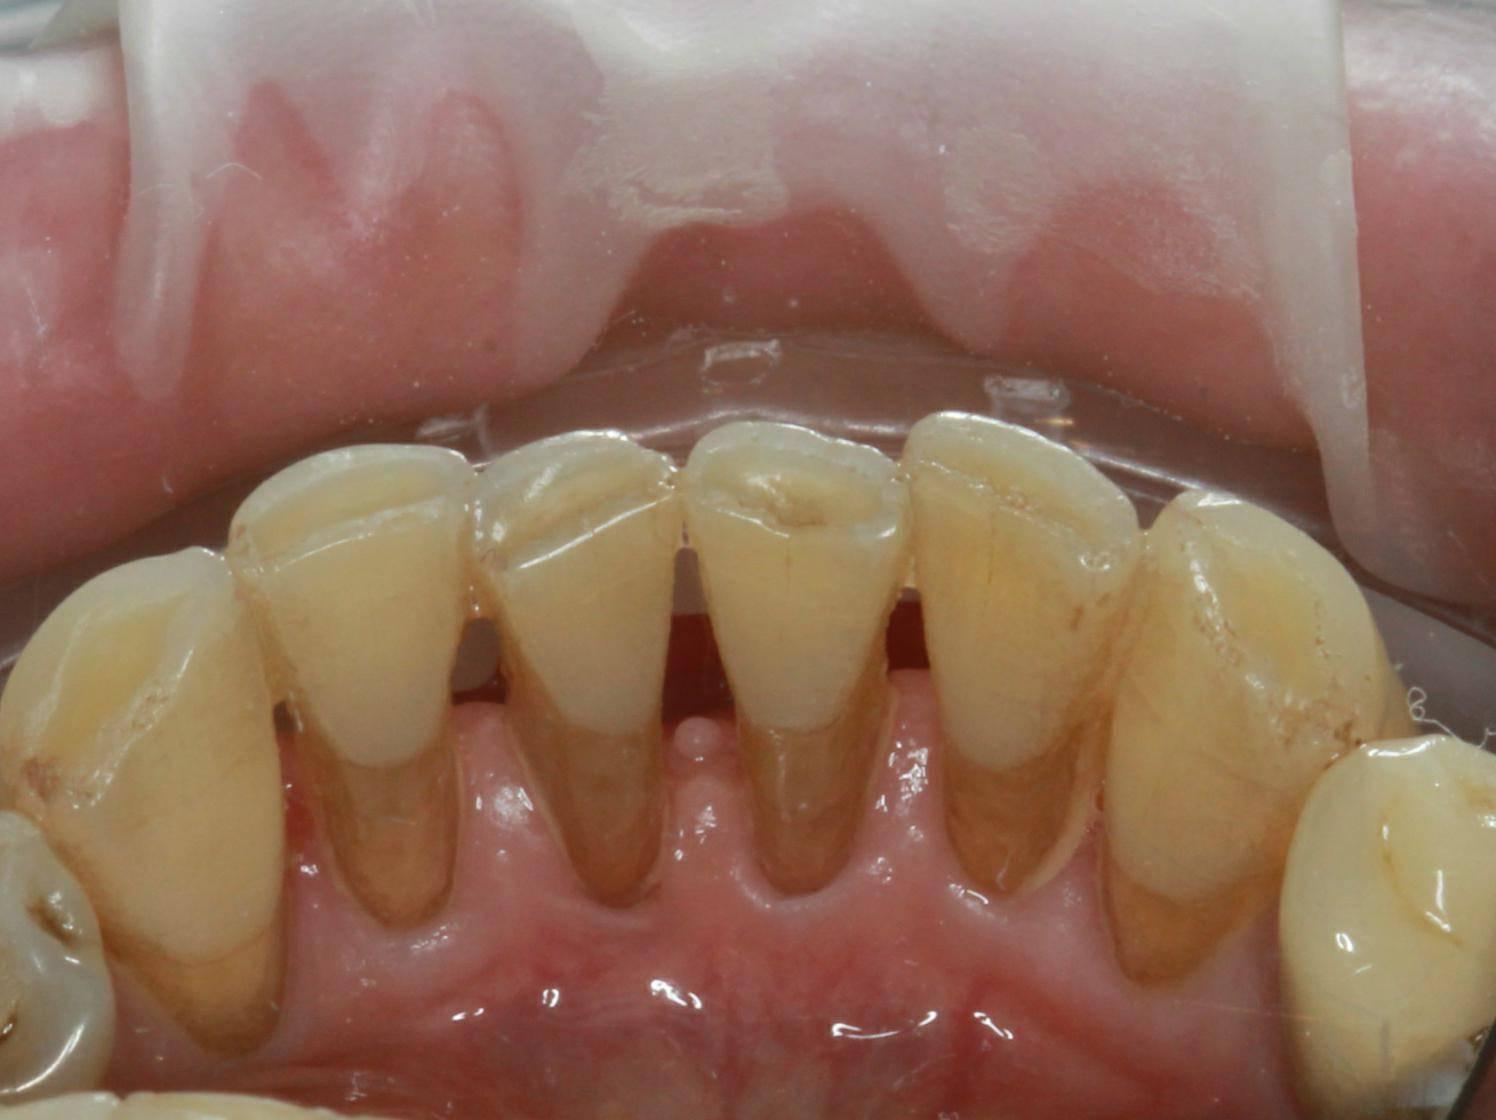 Шинирование подвижных зубов: особенности процедуры, показания и противопоказания